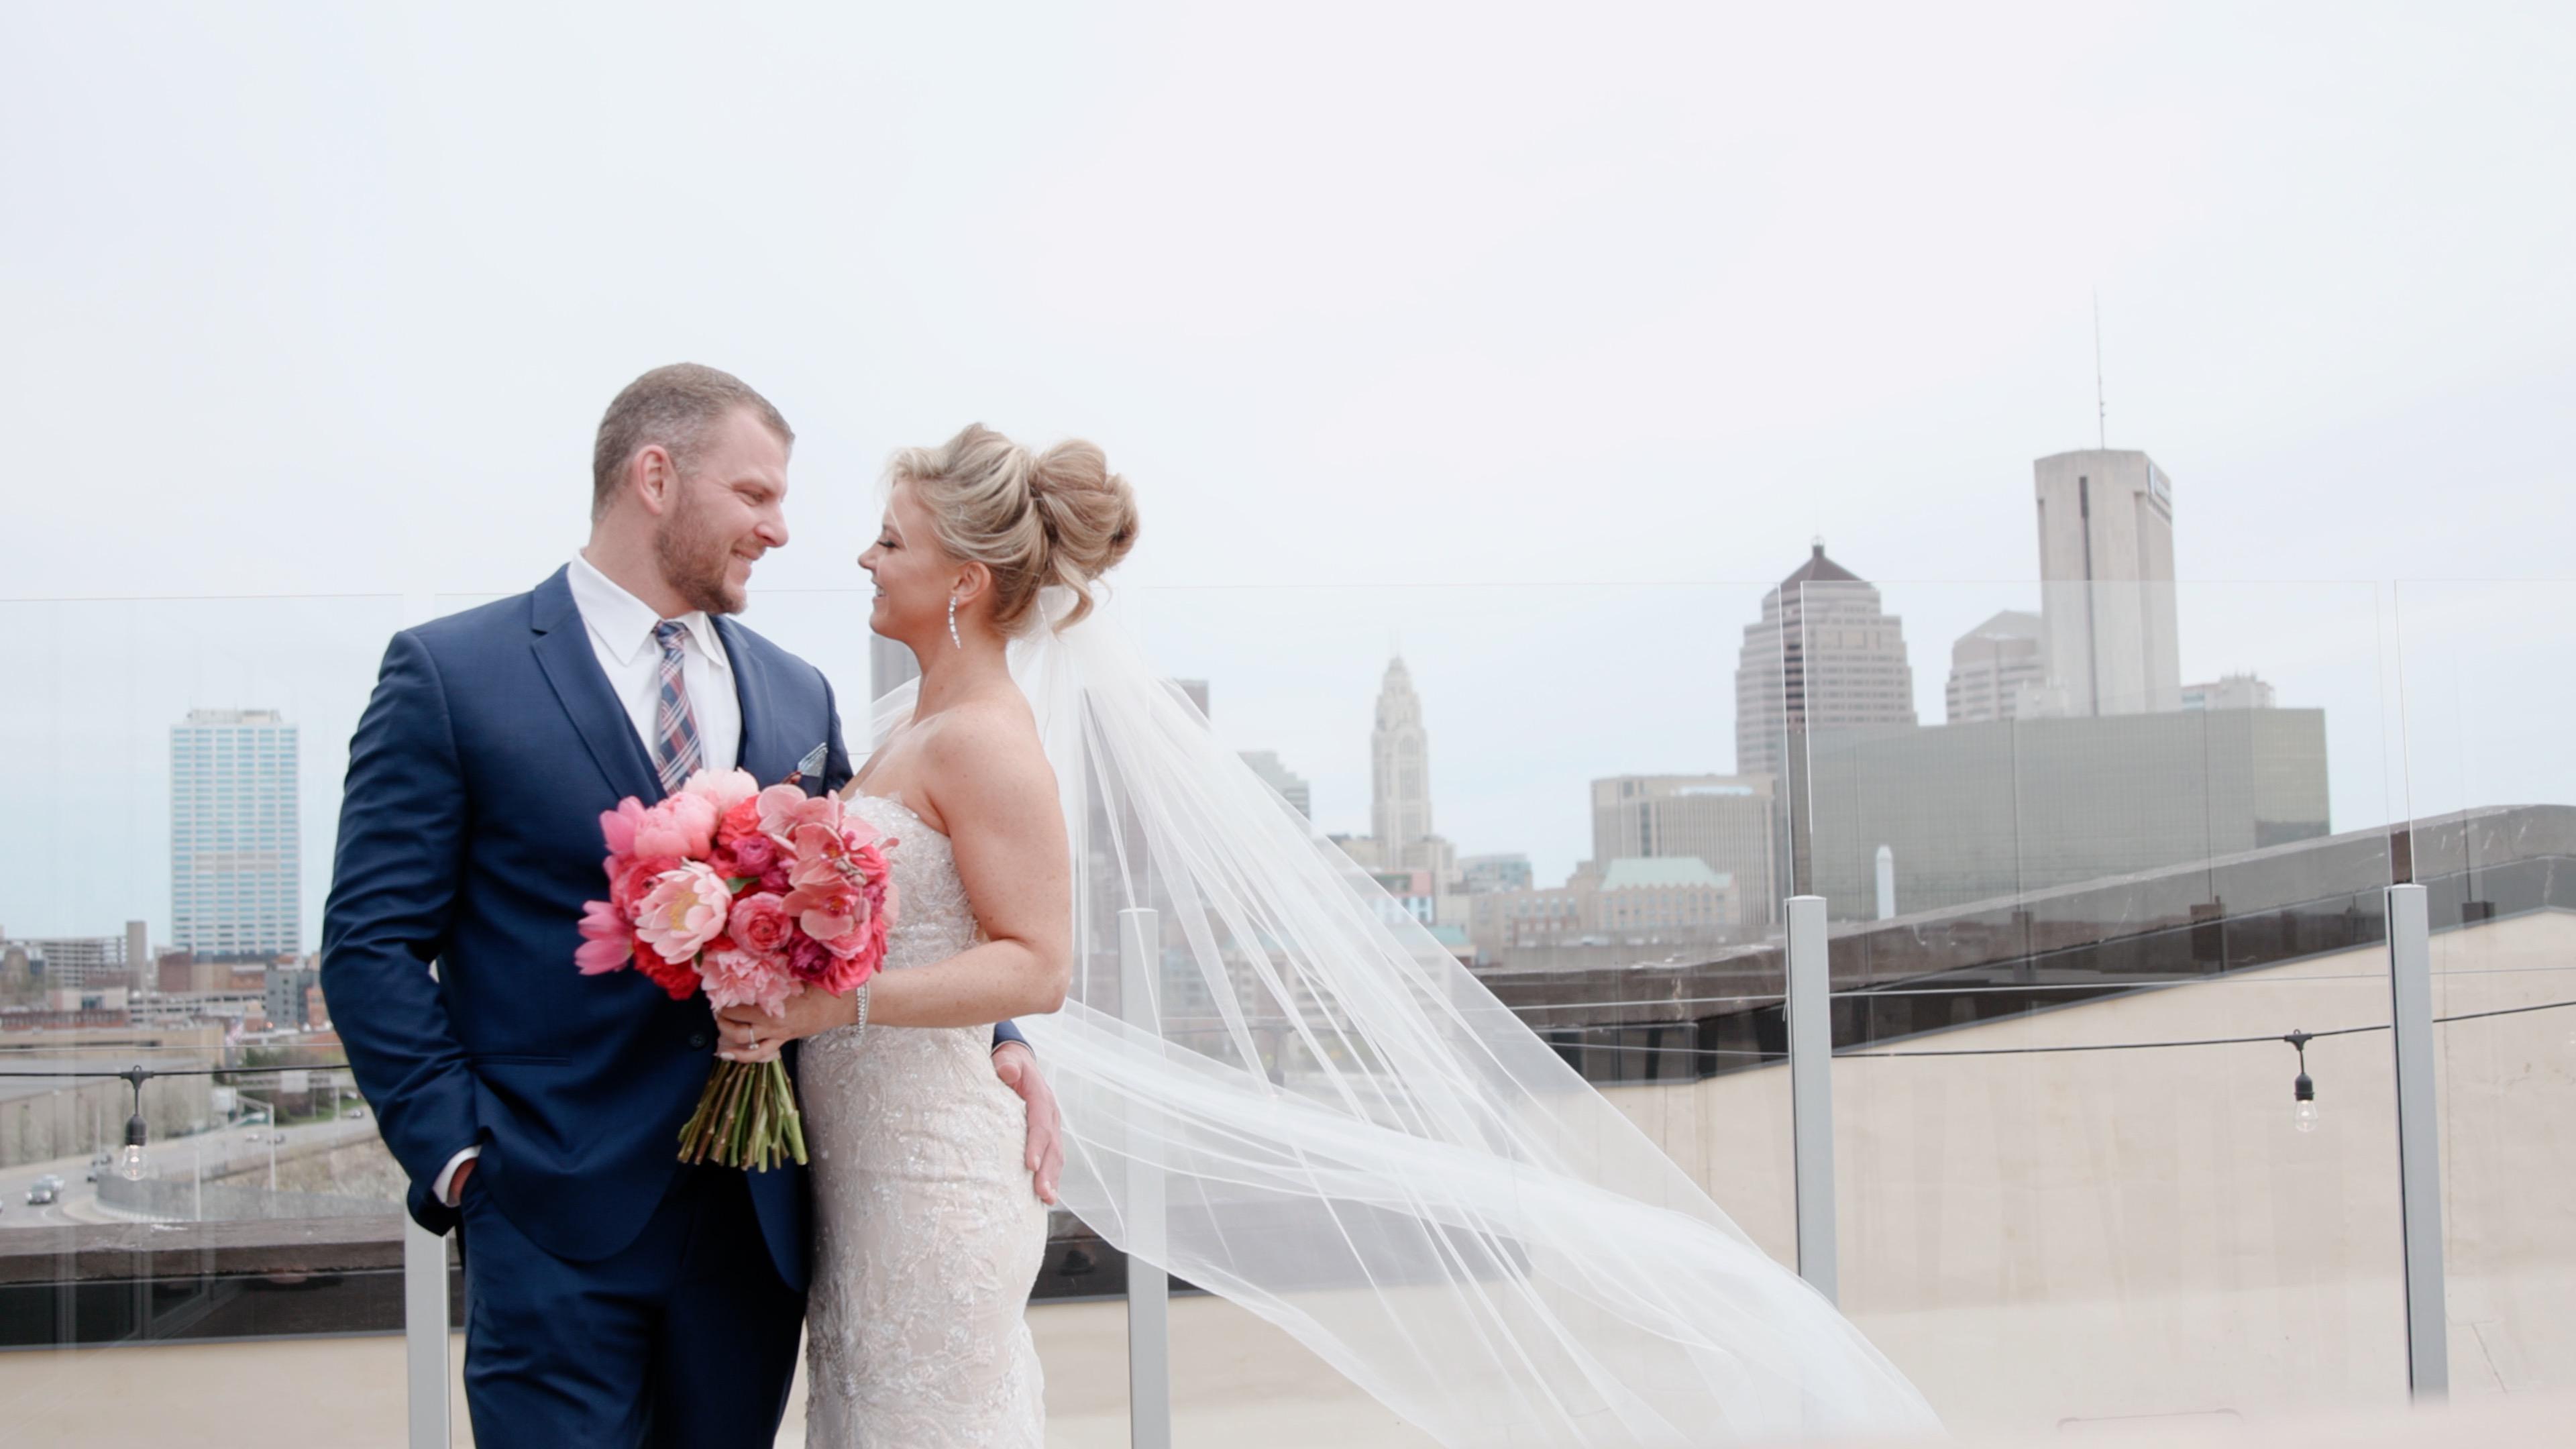 Ryan + Jessica | Columbus, Ohio | Juniper